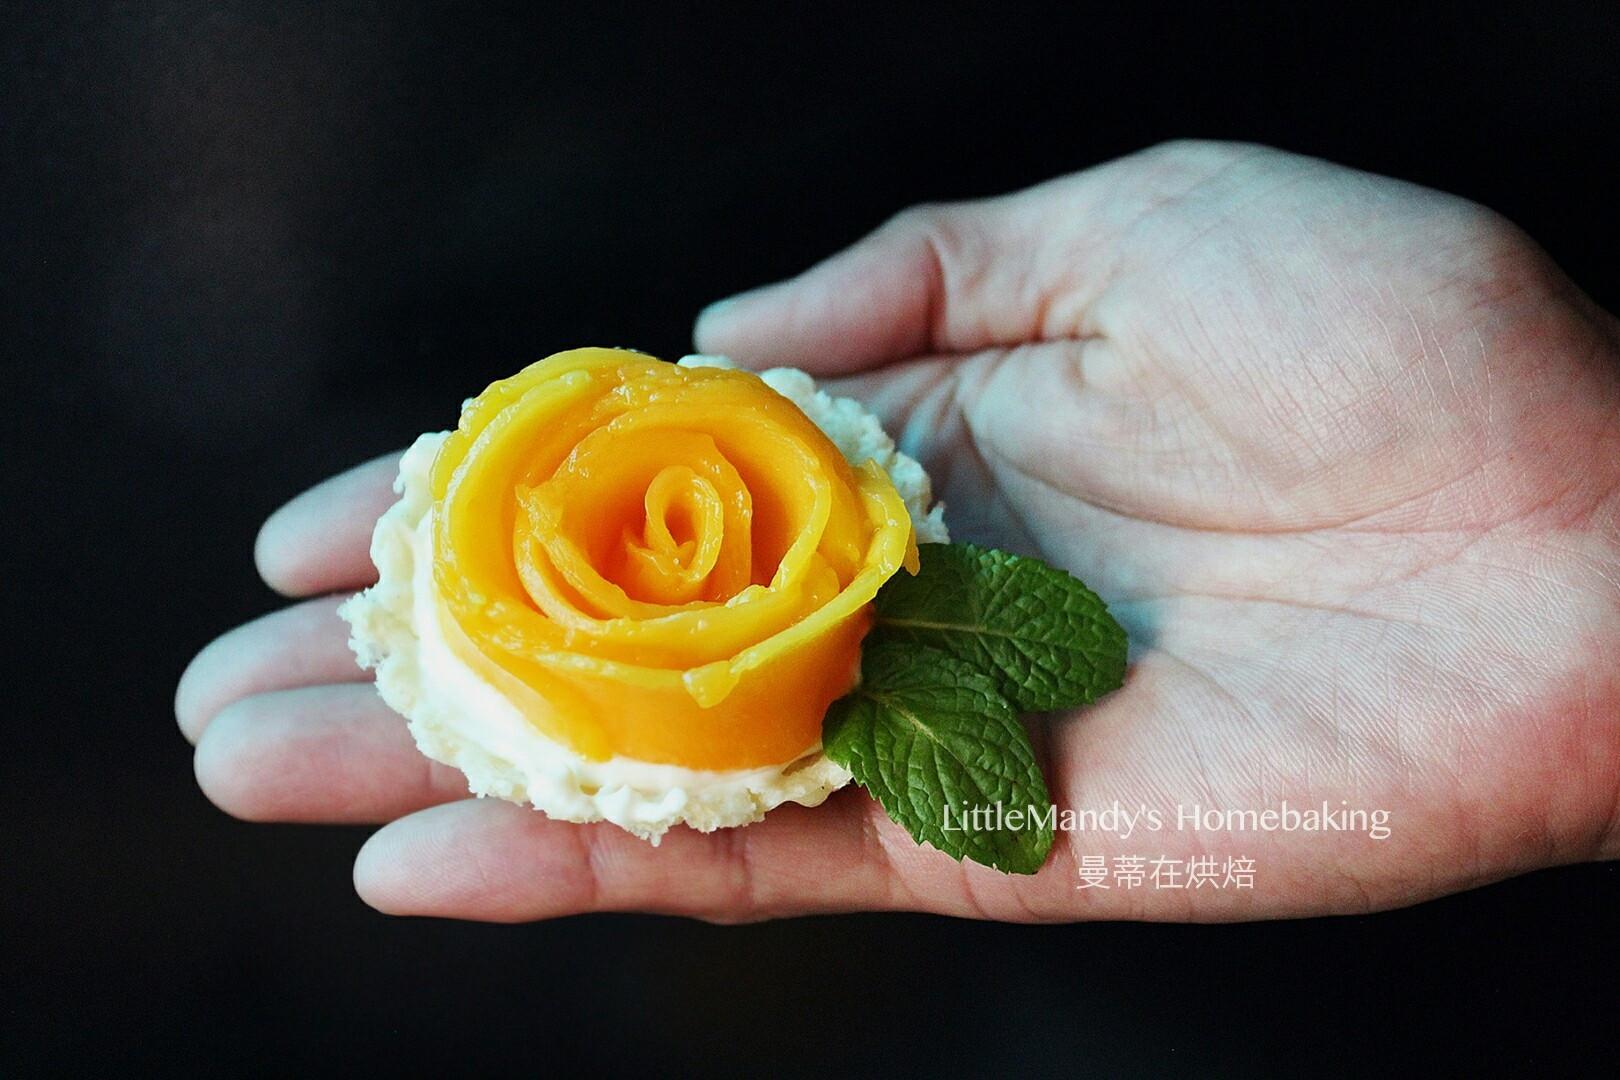 免塔皮,芒果玫瑰乳酪塔輕鬆做